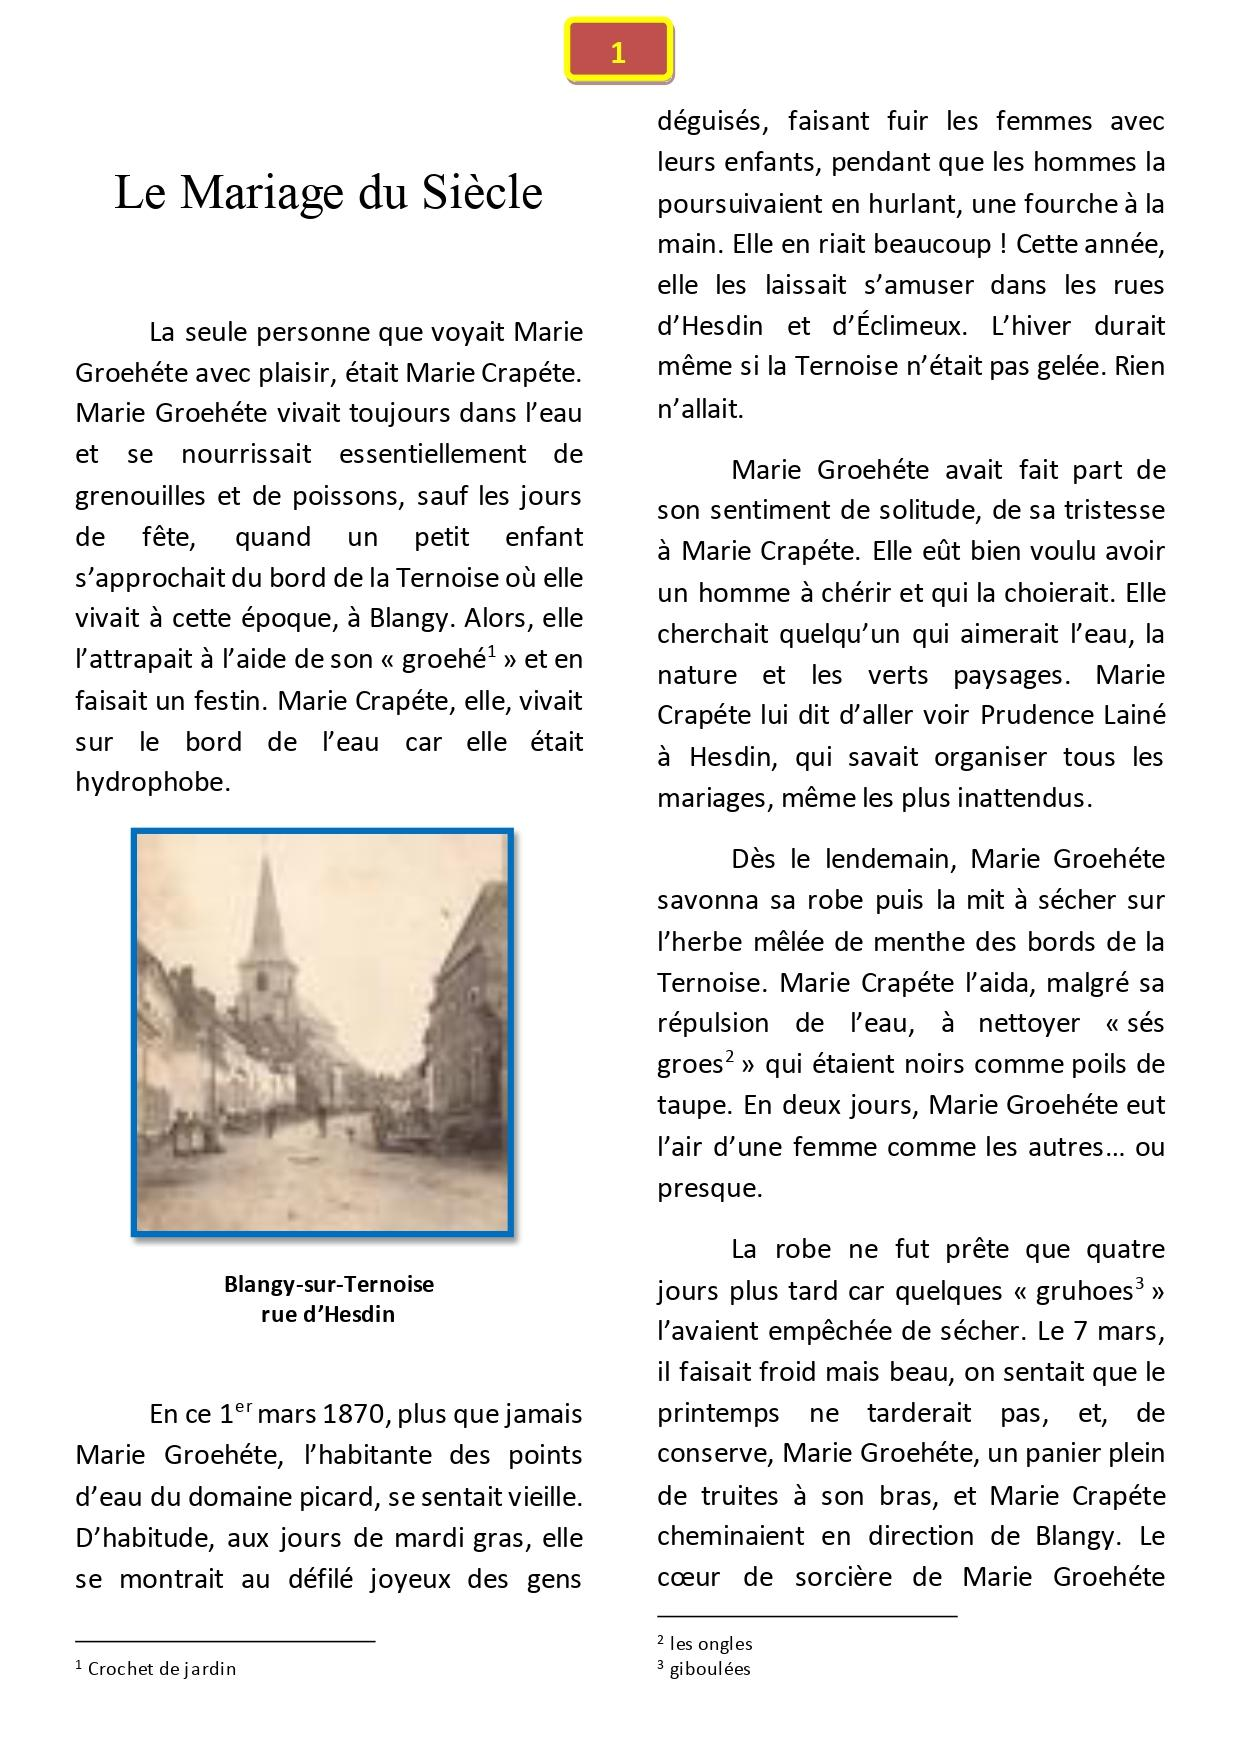 Academie 1870 le mariage du siecle page 0001